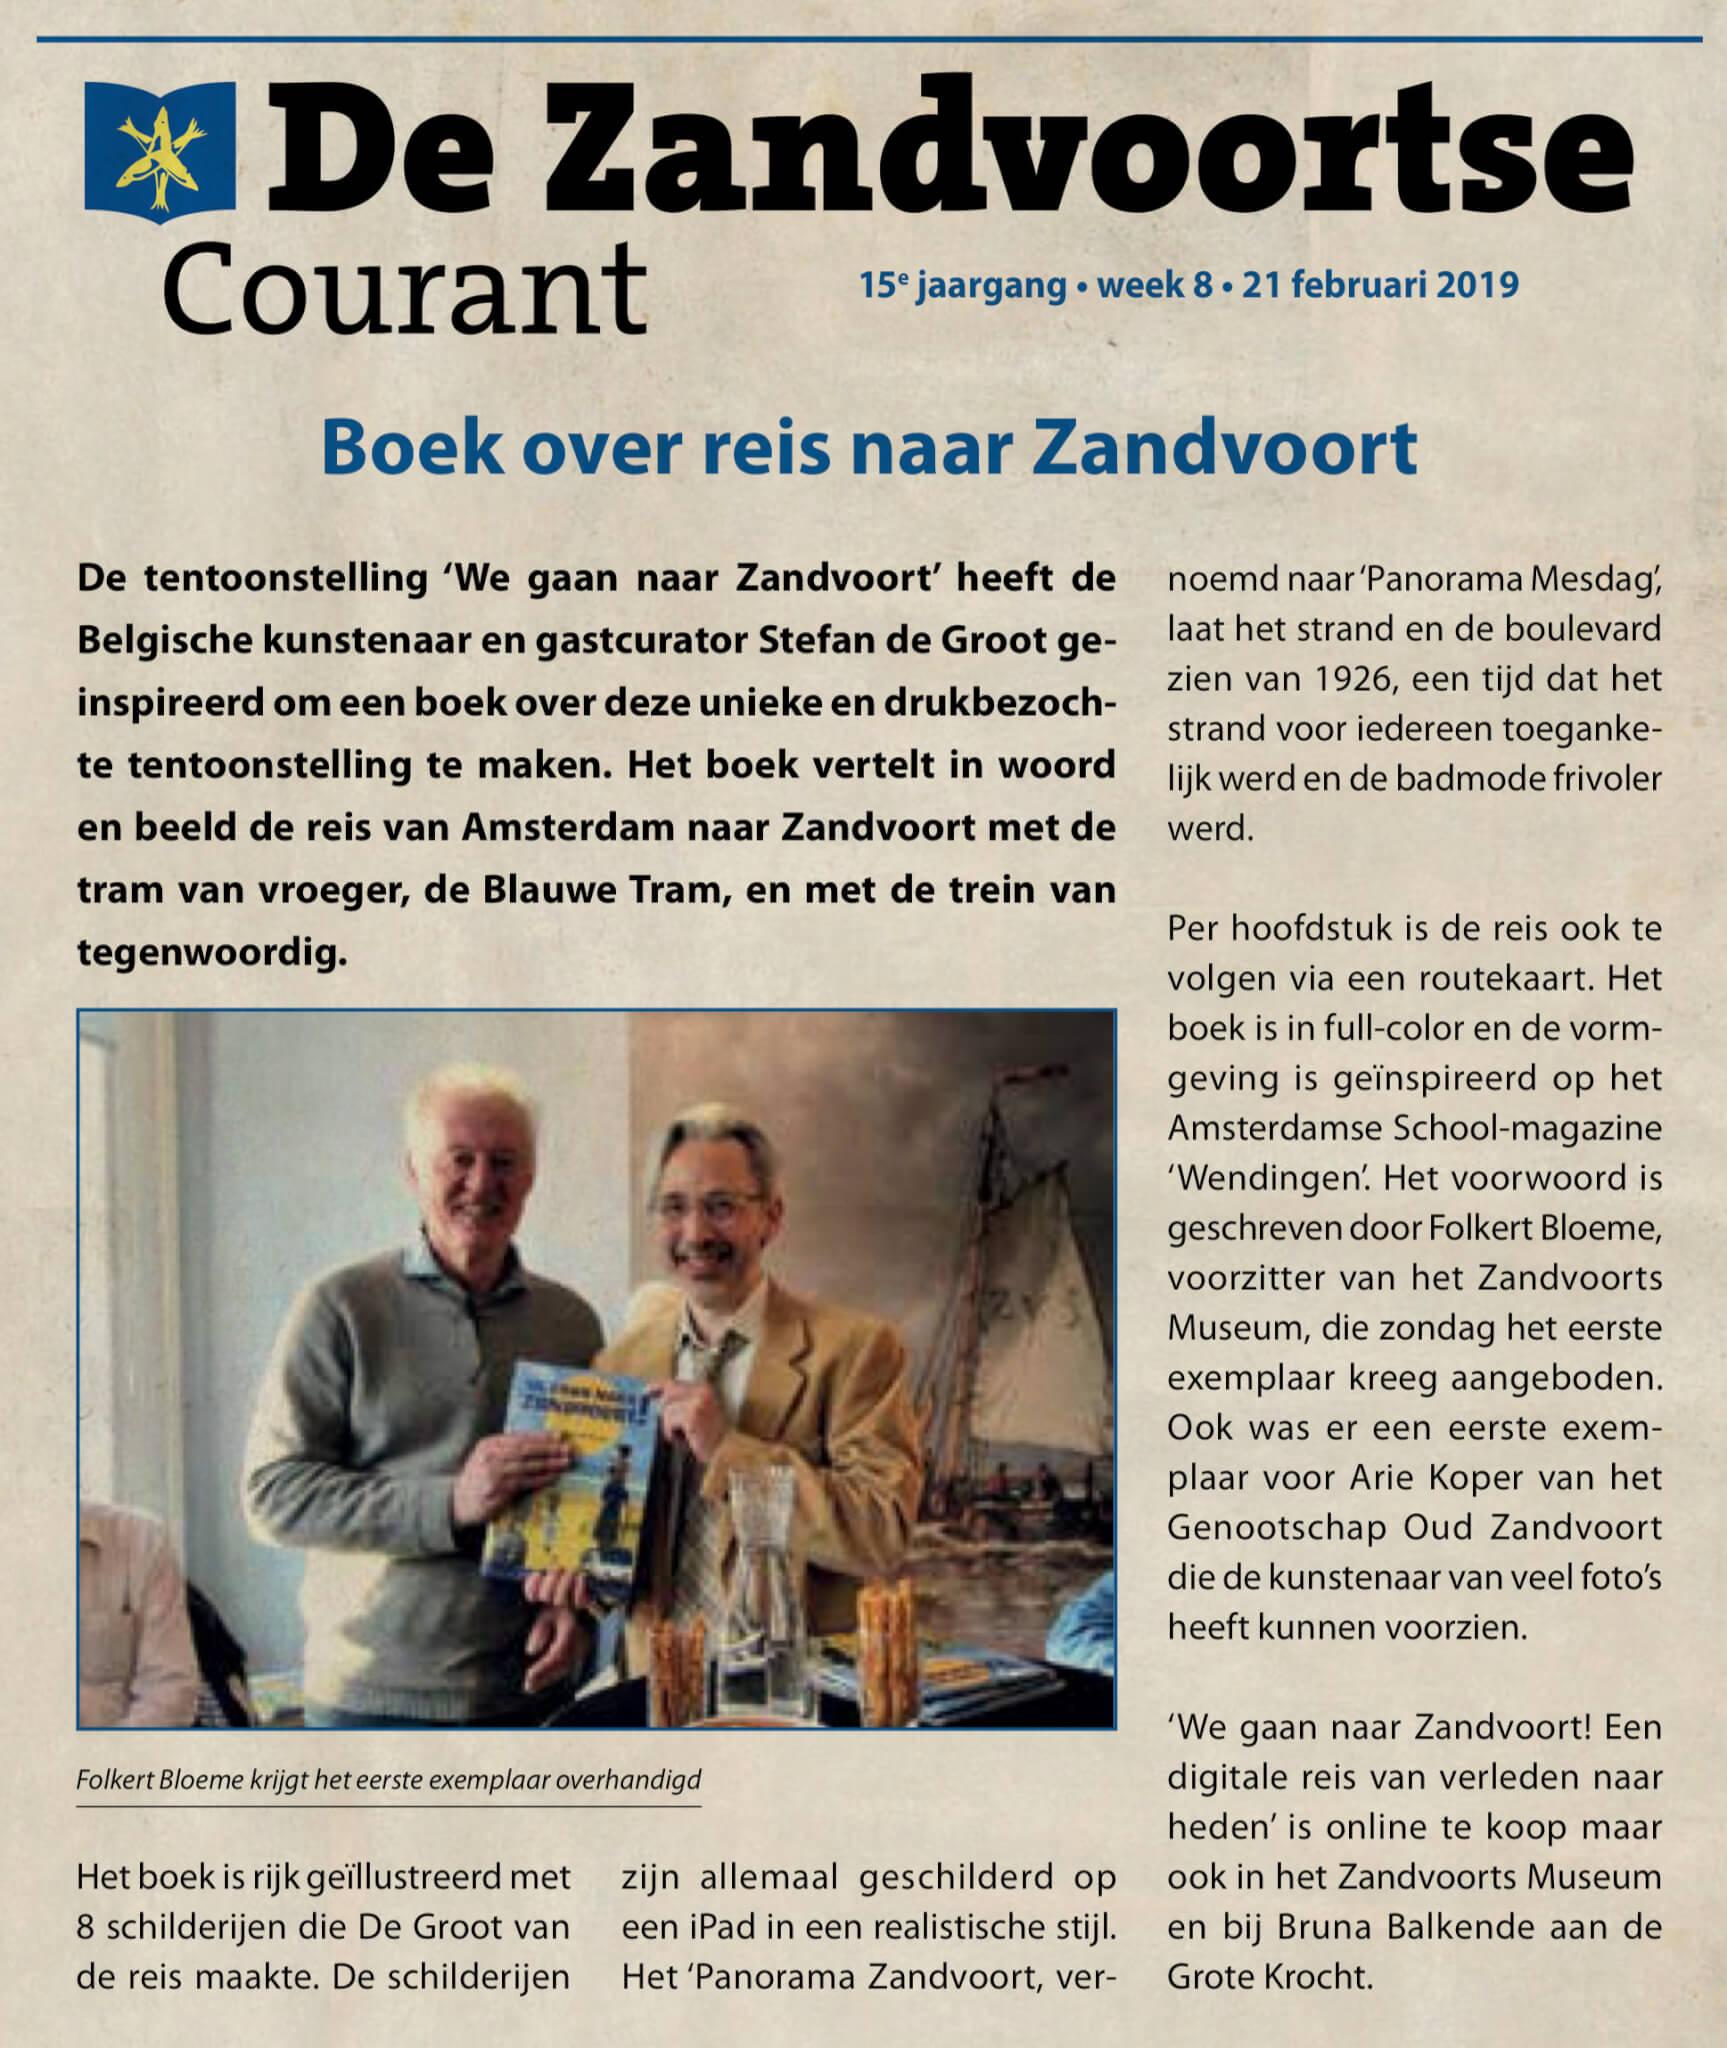 Zandvoortse Courant Boekpresentatie We gaan naar Zandvoort! Stefan de Groot